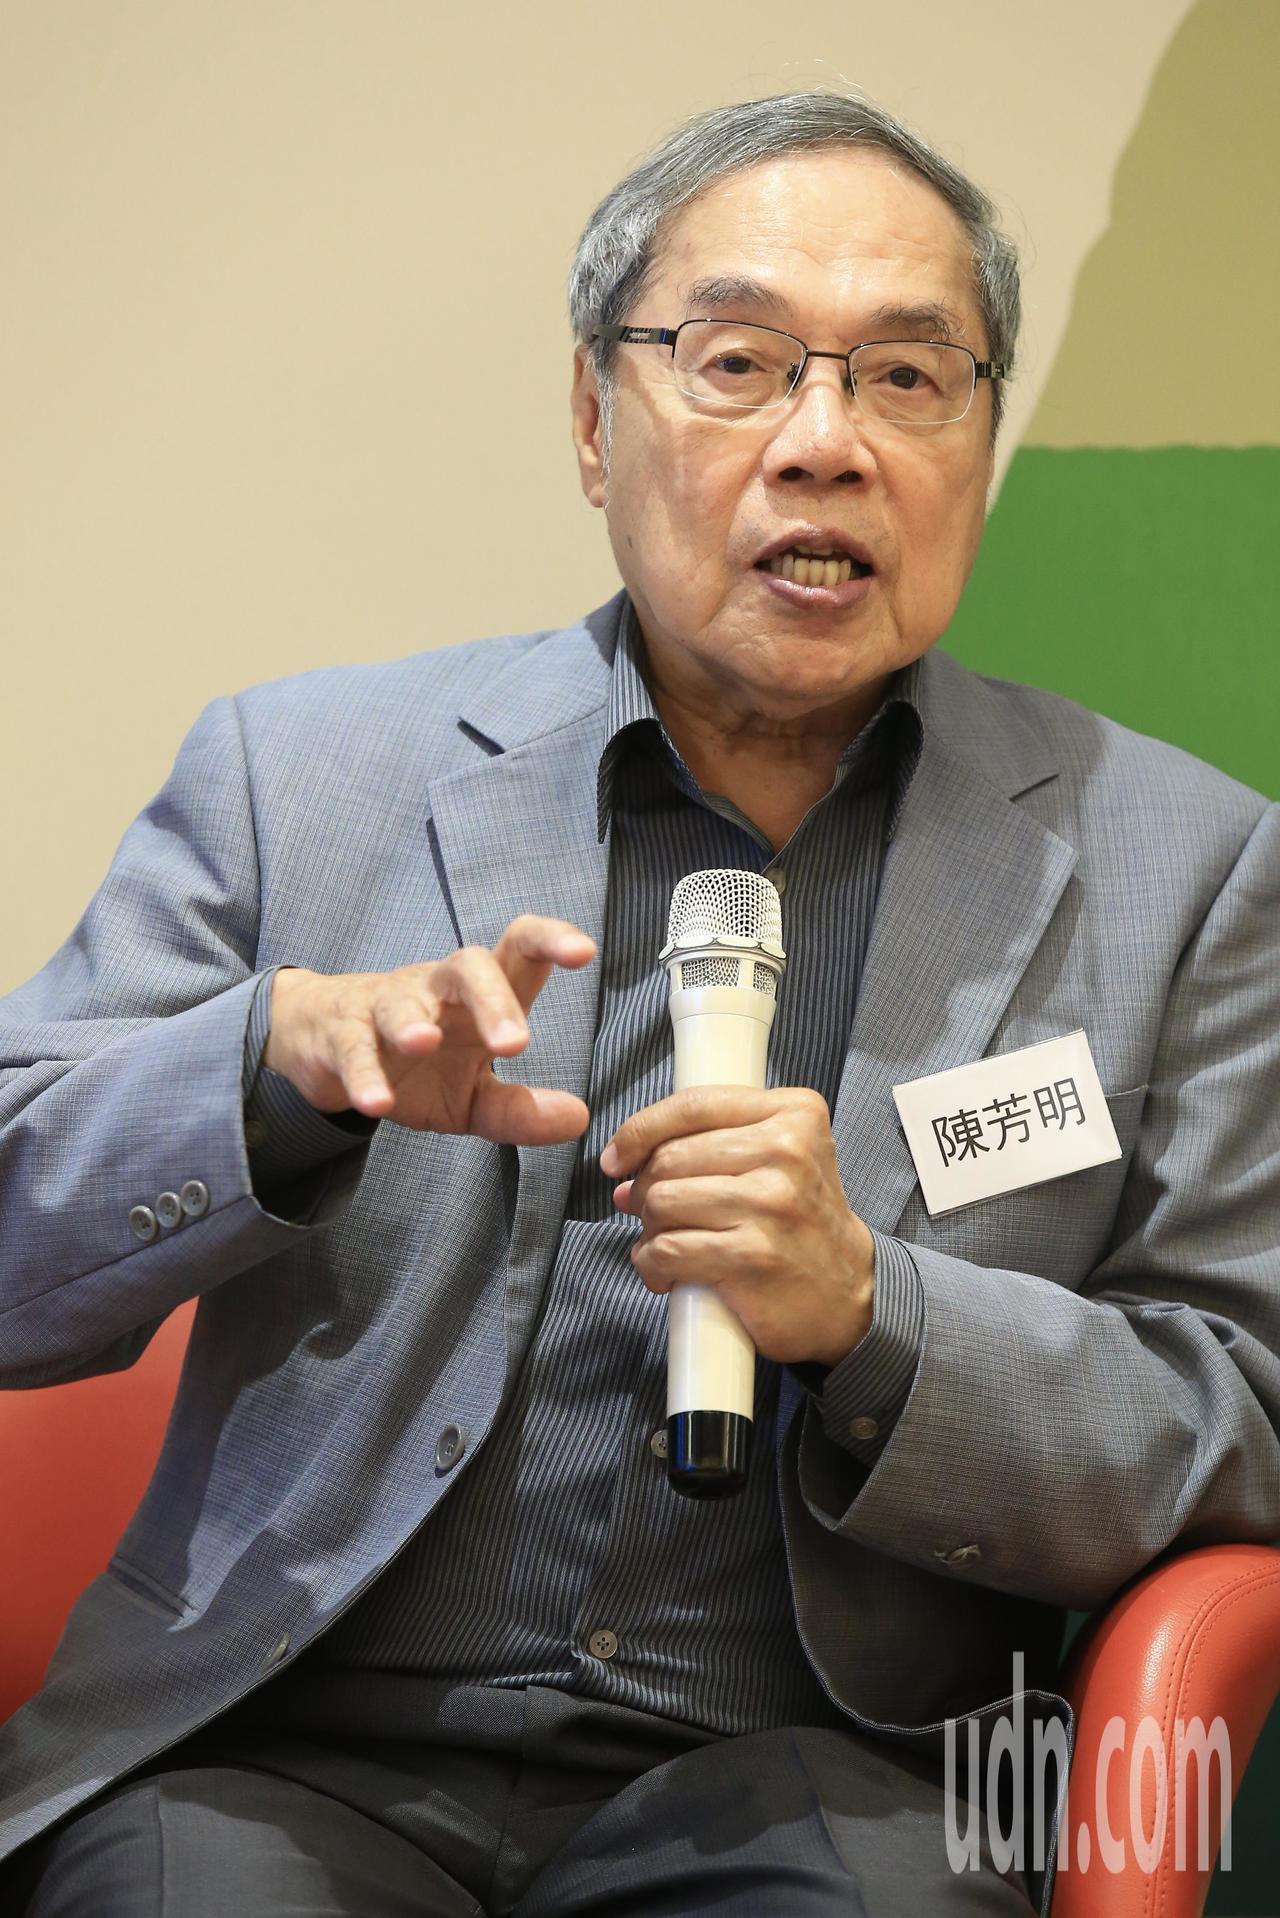 政治大学台文研究所课座教授陈芳明。本报资料照片